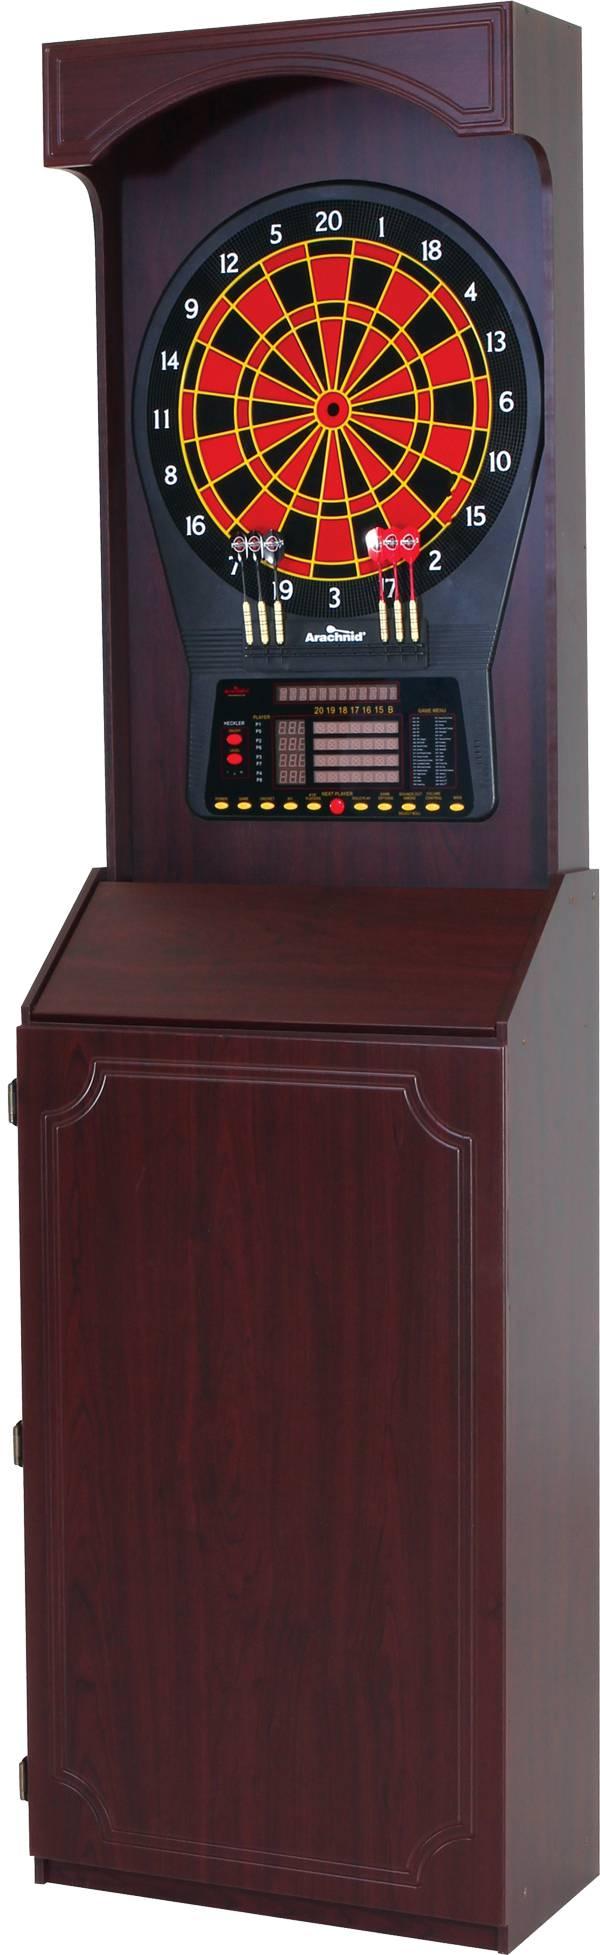 Arachnid CricketPro 800 Electronic Dartboard Cabinet product image